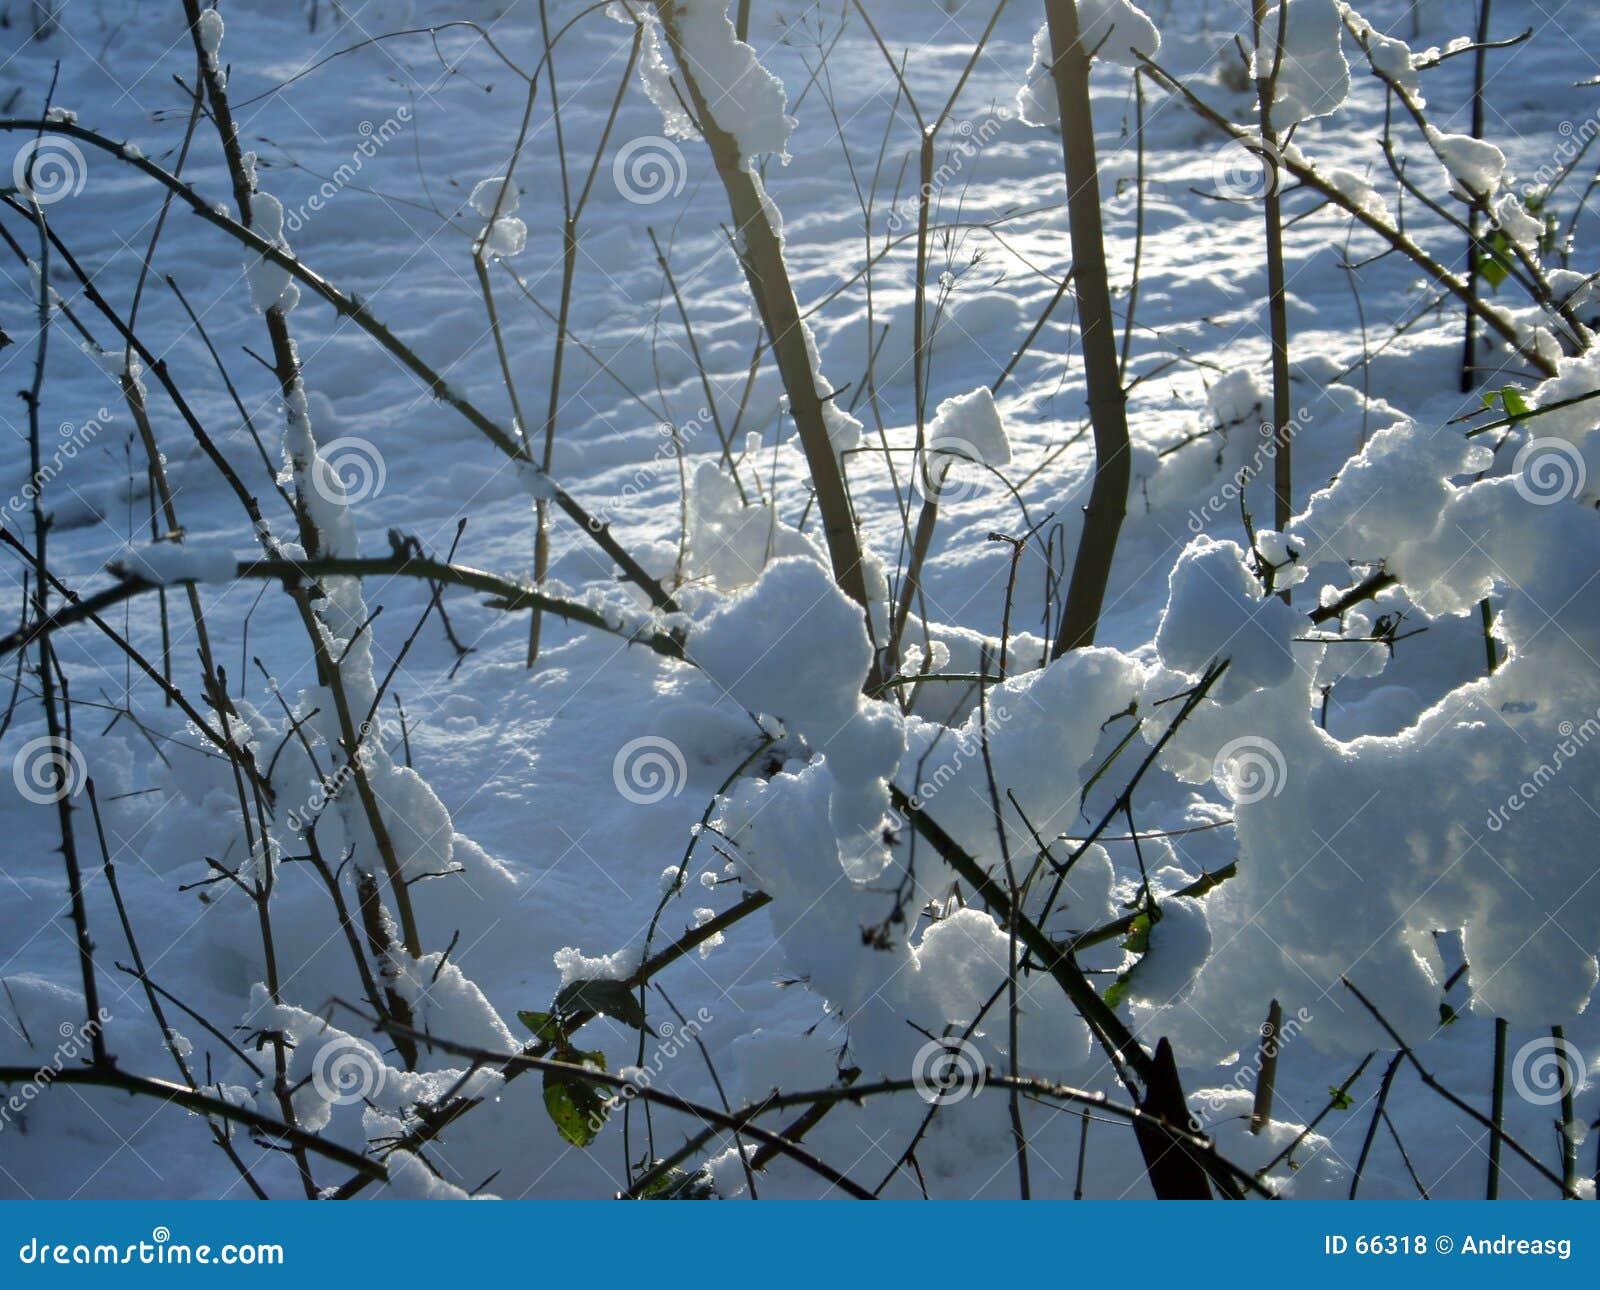 Buskaget snowed